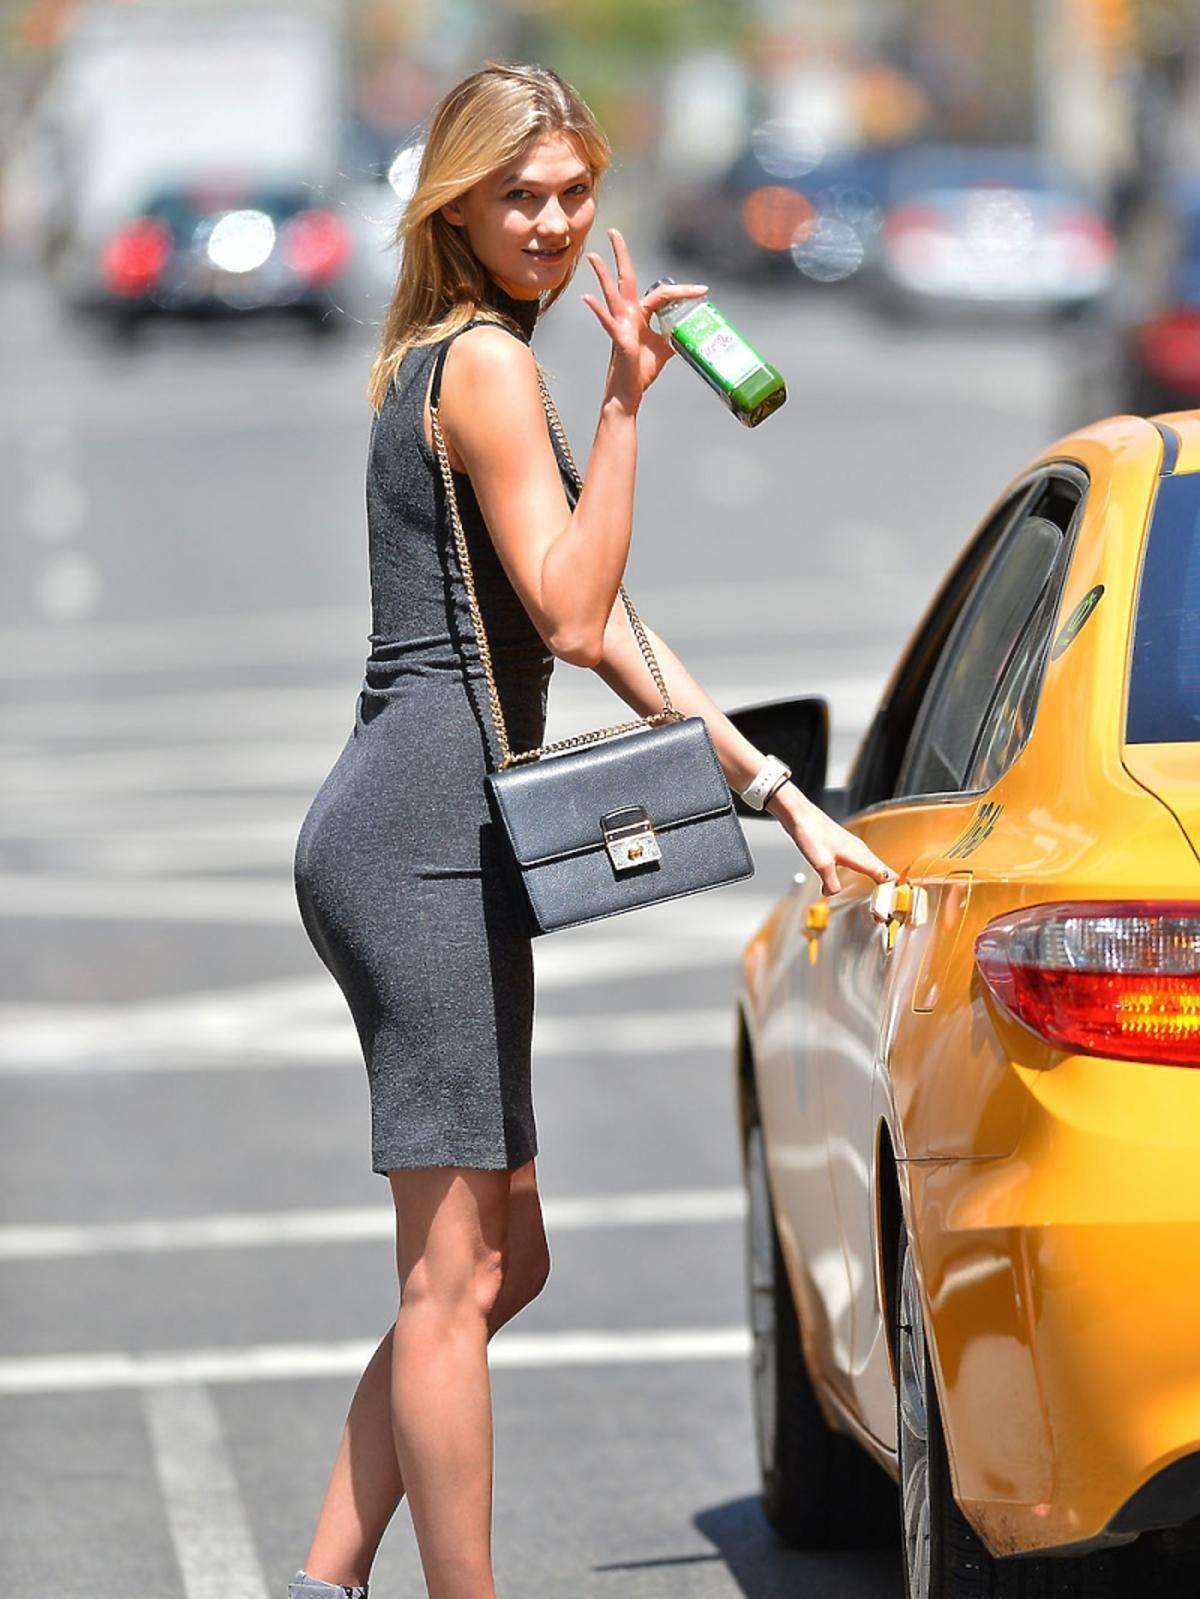 Karlie Kloss w sandałkach i minisukience wsiada do taksówki